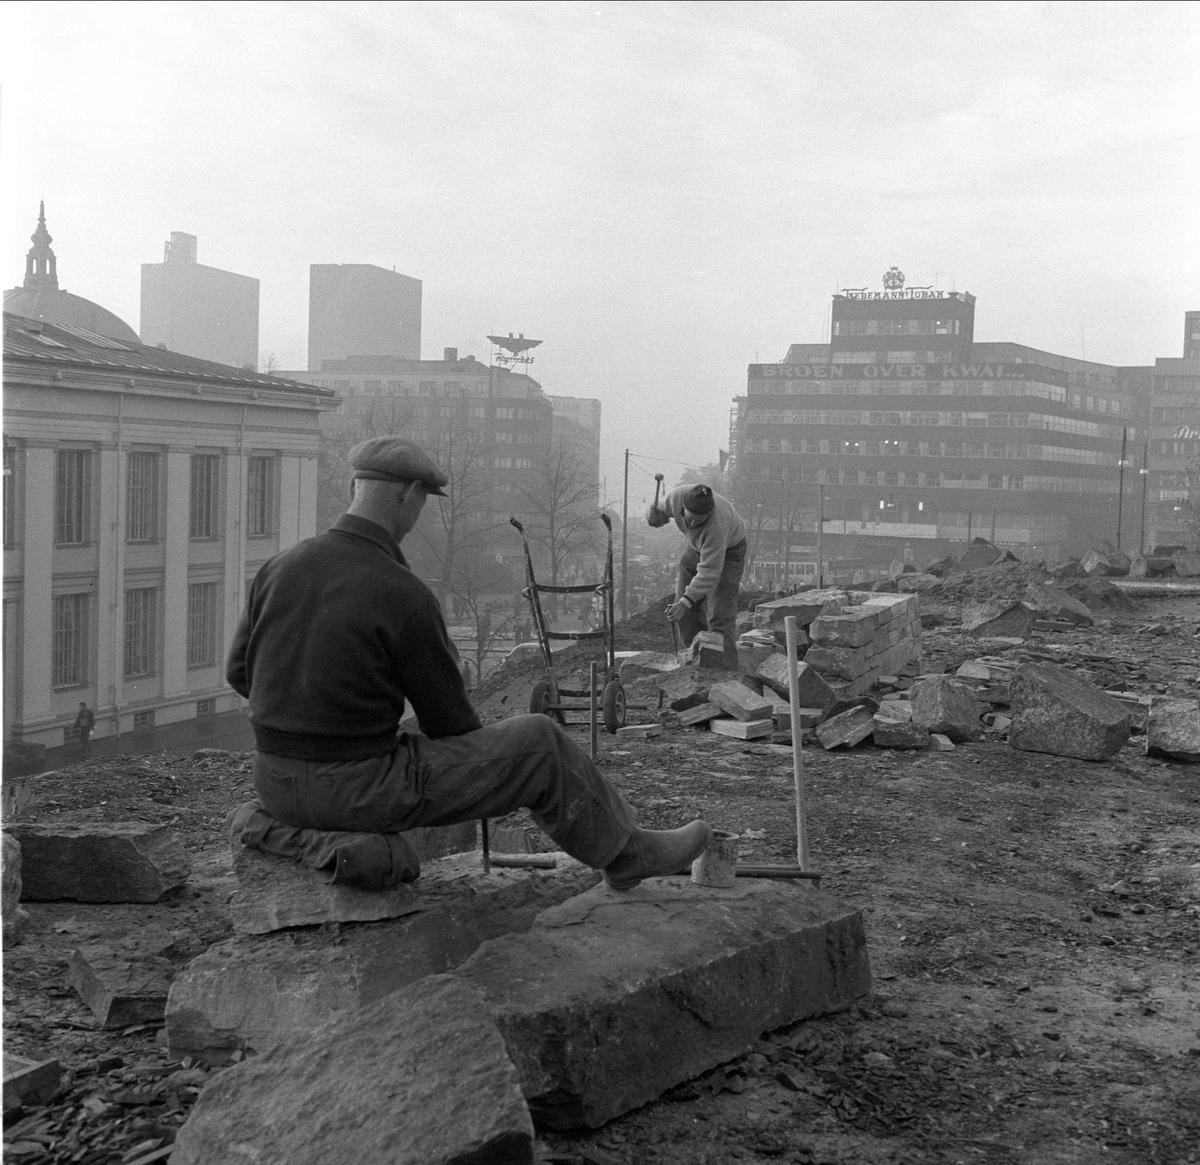 Anleggsvirksomhet, Nisseberget, Slottsparken, utsikt over byen, Oslo, oktober 1958